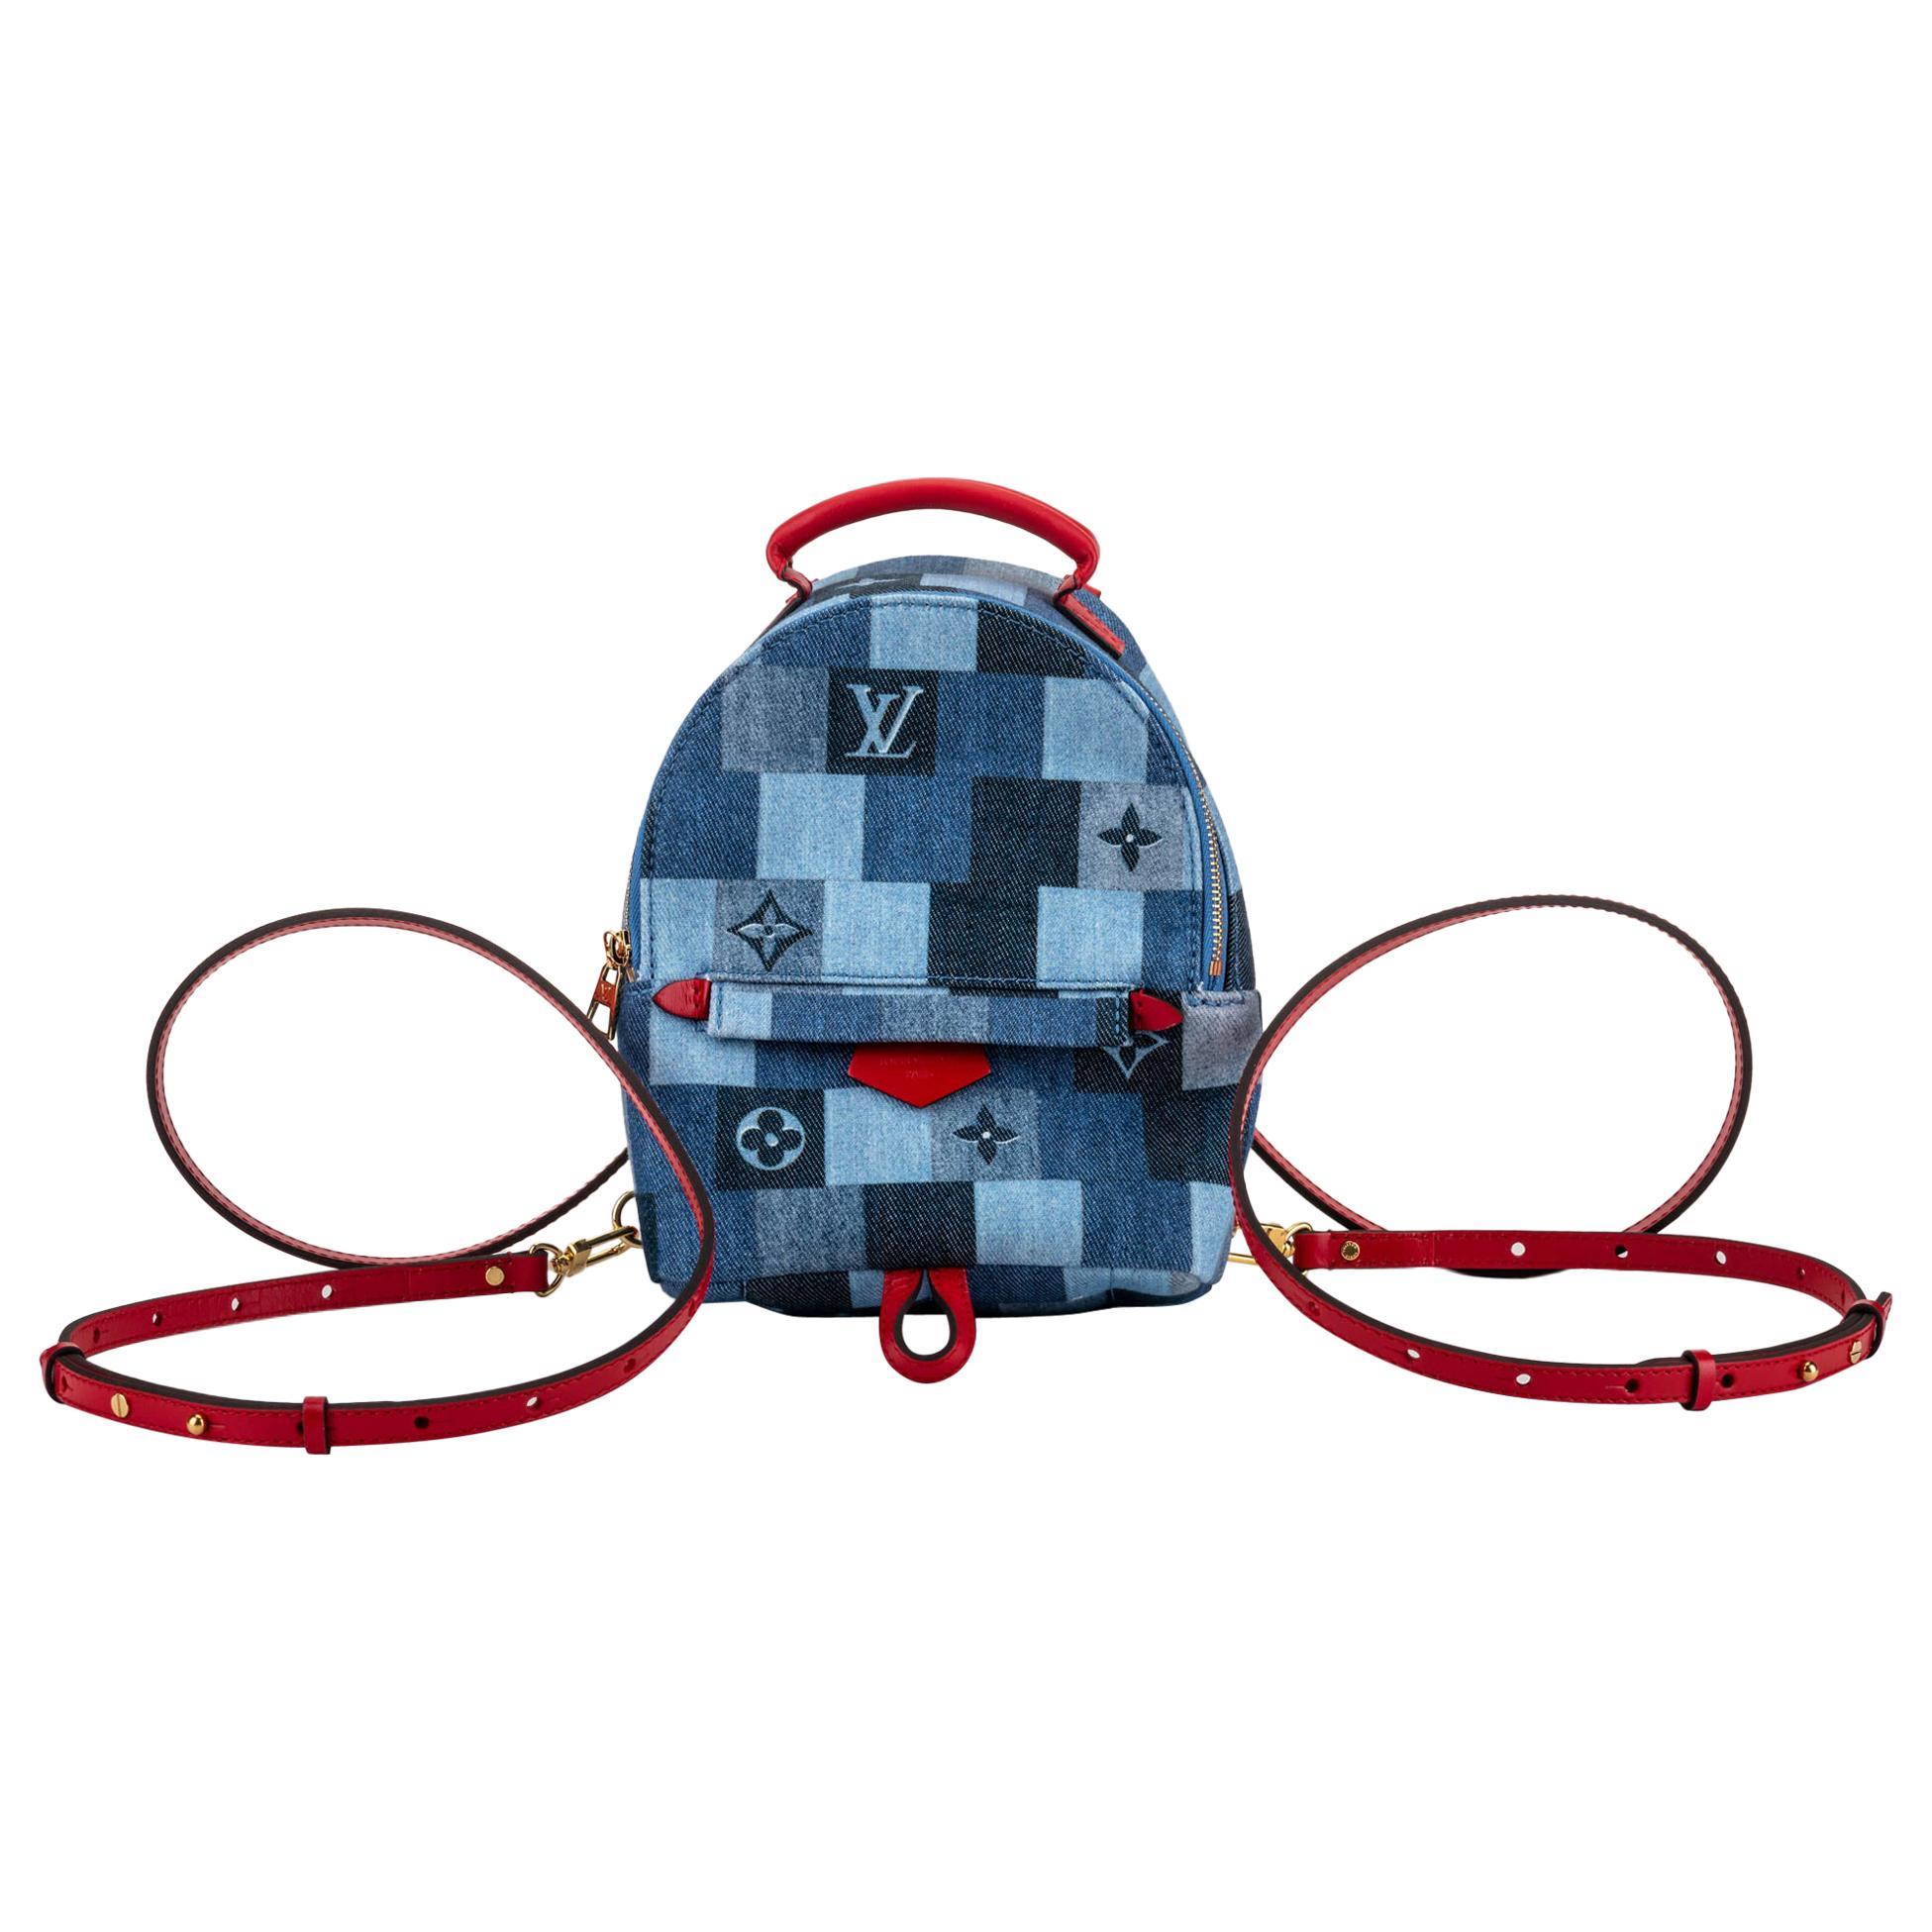 New in Box Louis Vuitton Monogram Denim Backpack Bag